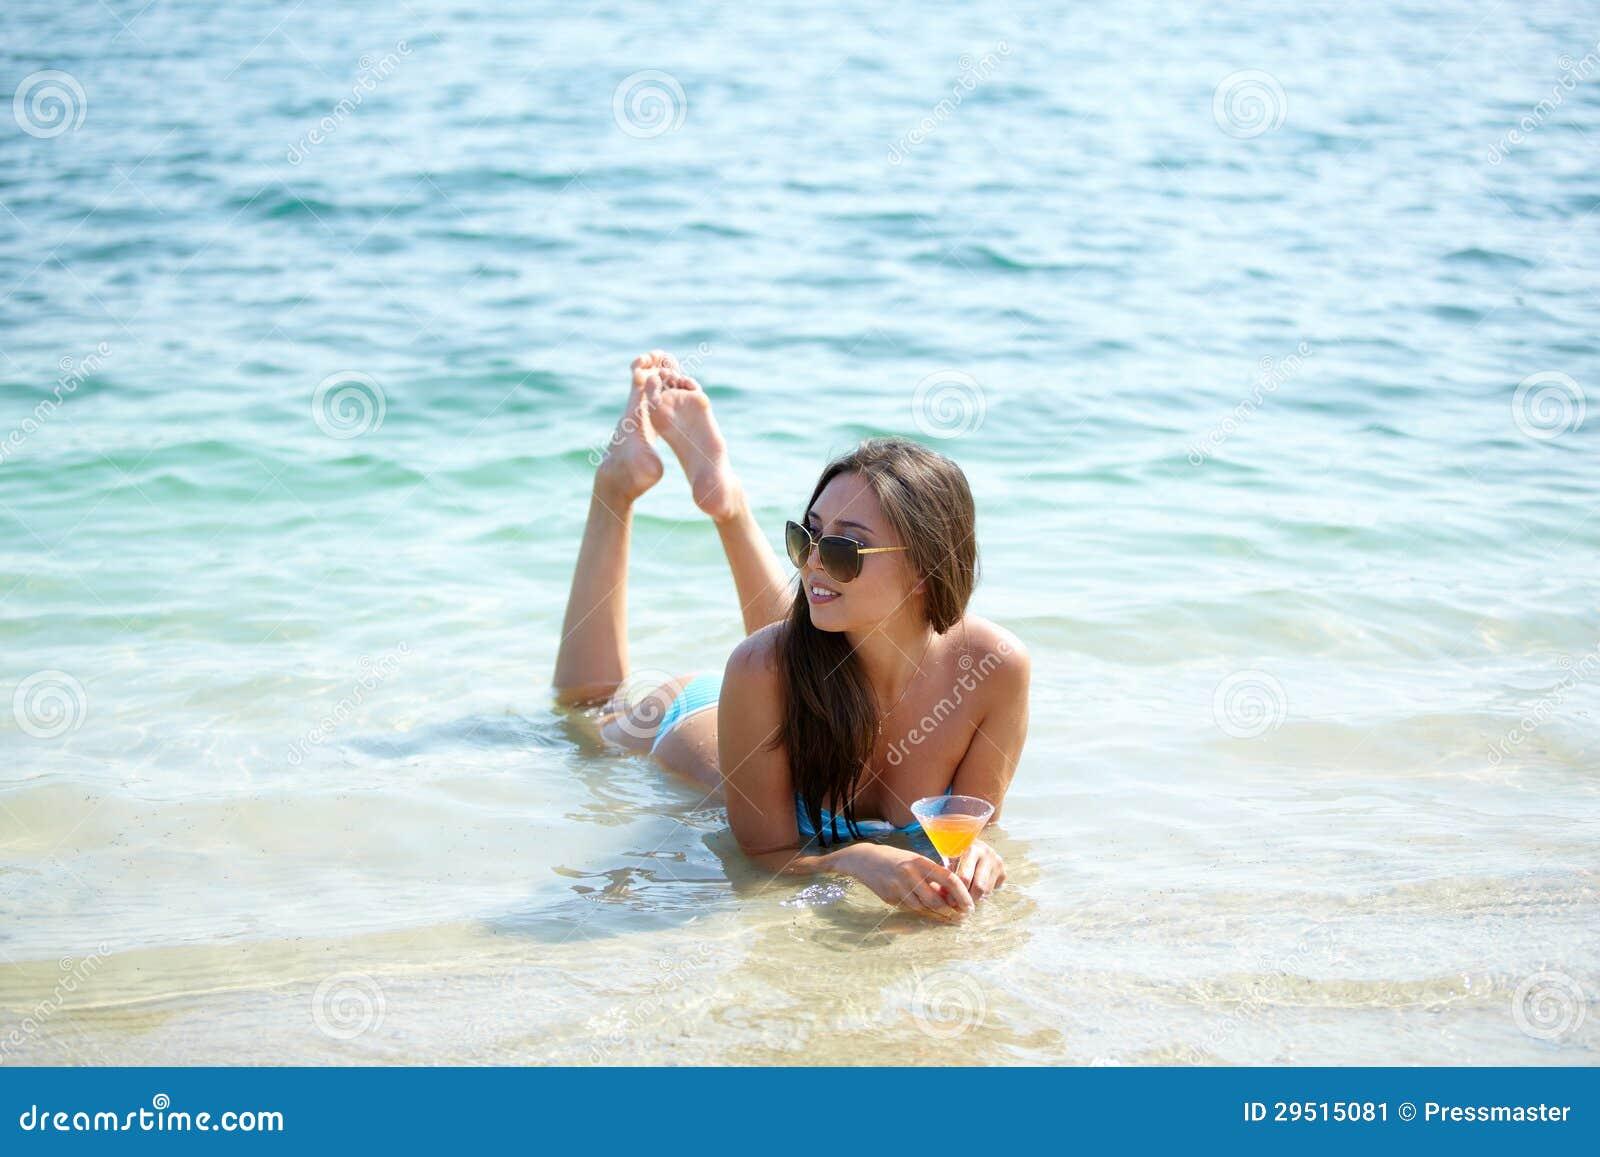 Het ontspannen in water